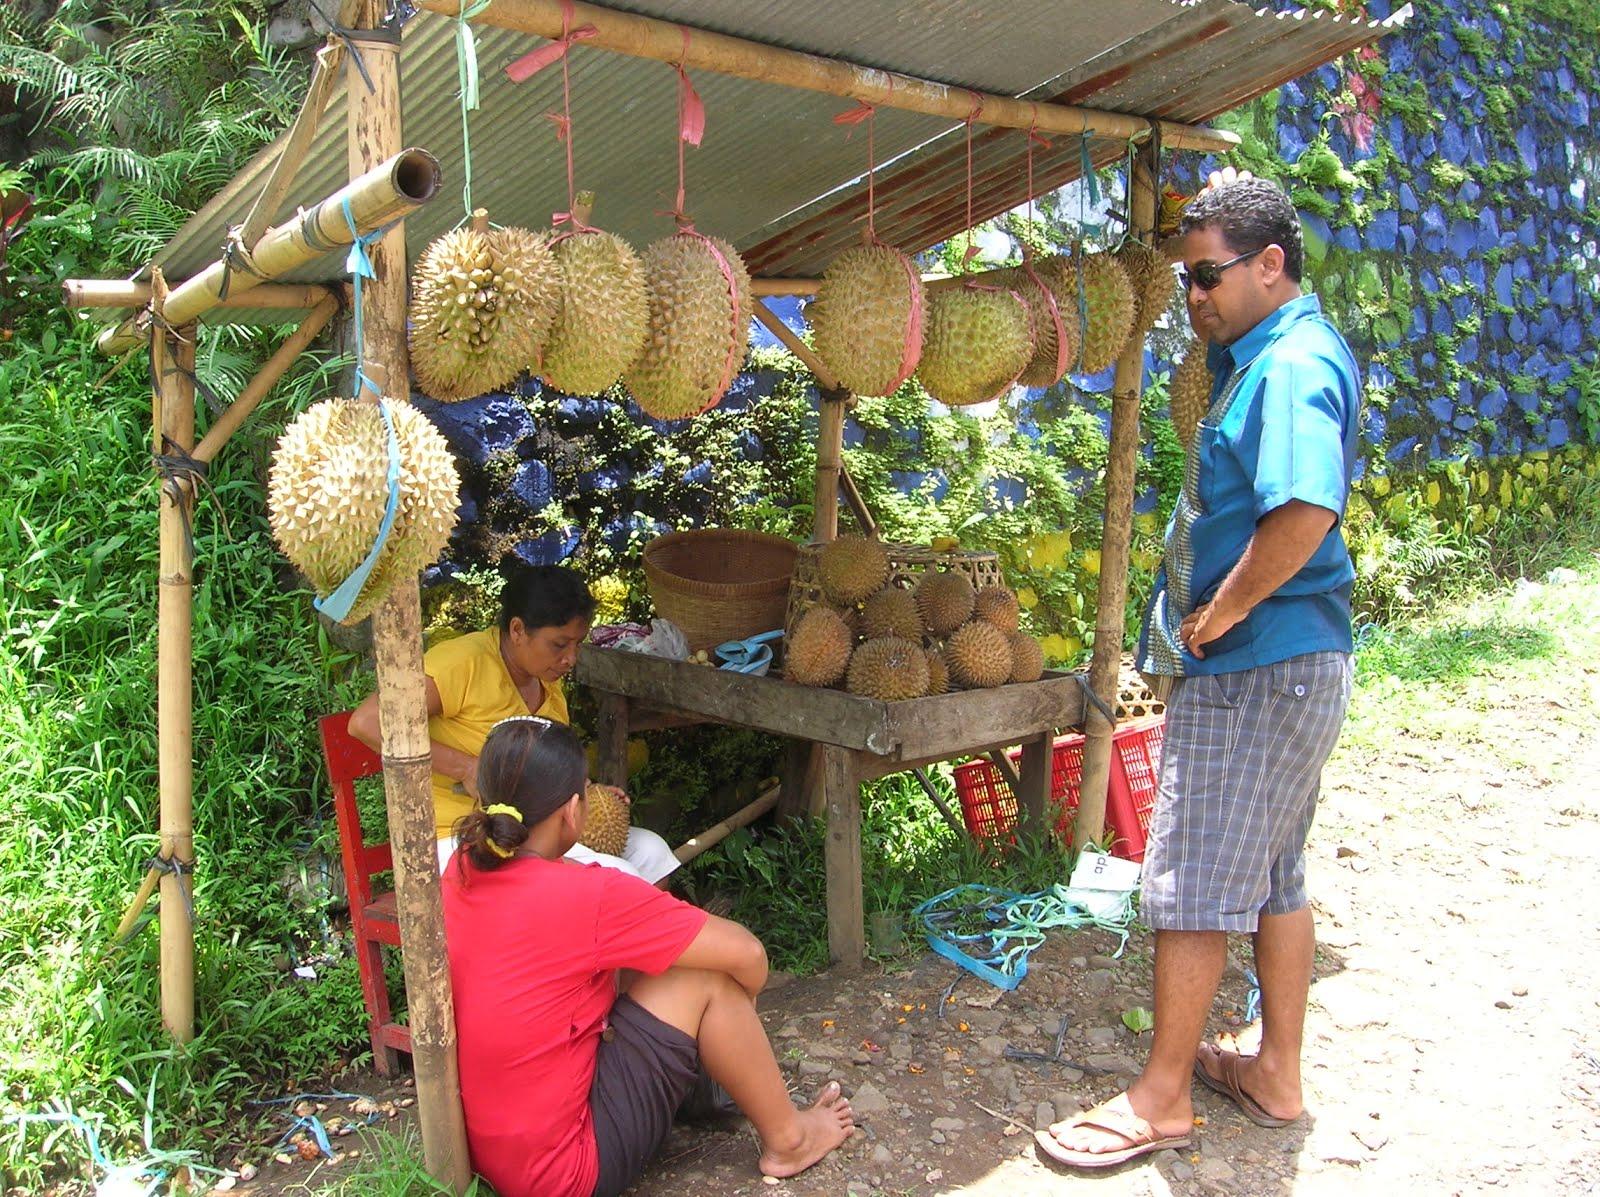 Puesto de fruta, Isla de Bali,Indonesia, vuelta al mundo, round the world, La vuelta al mundo de Asun y Ricardo